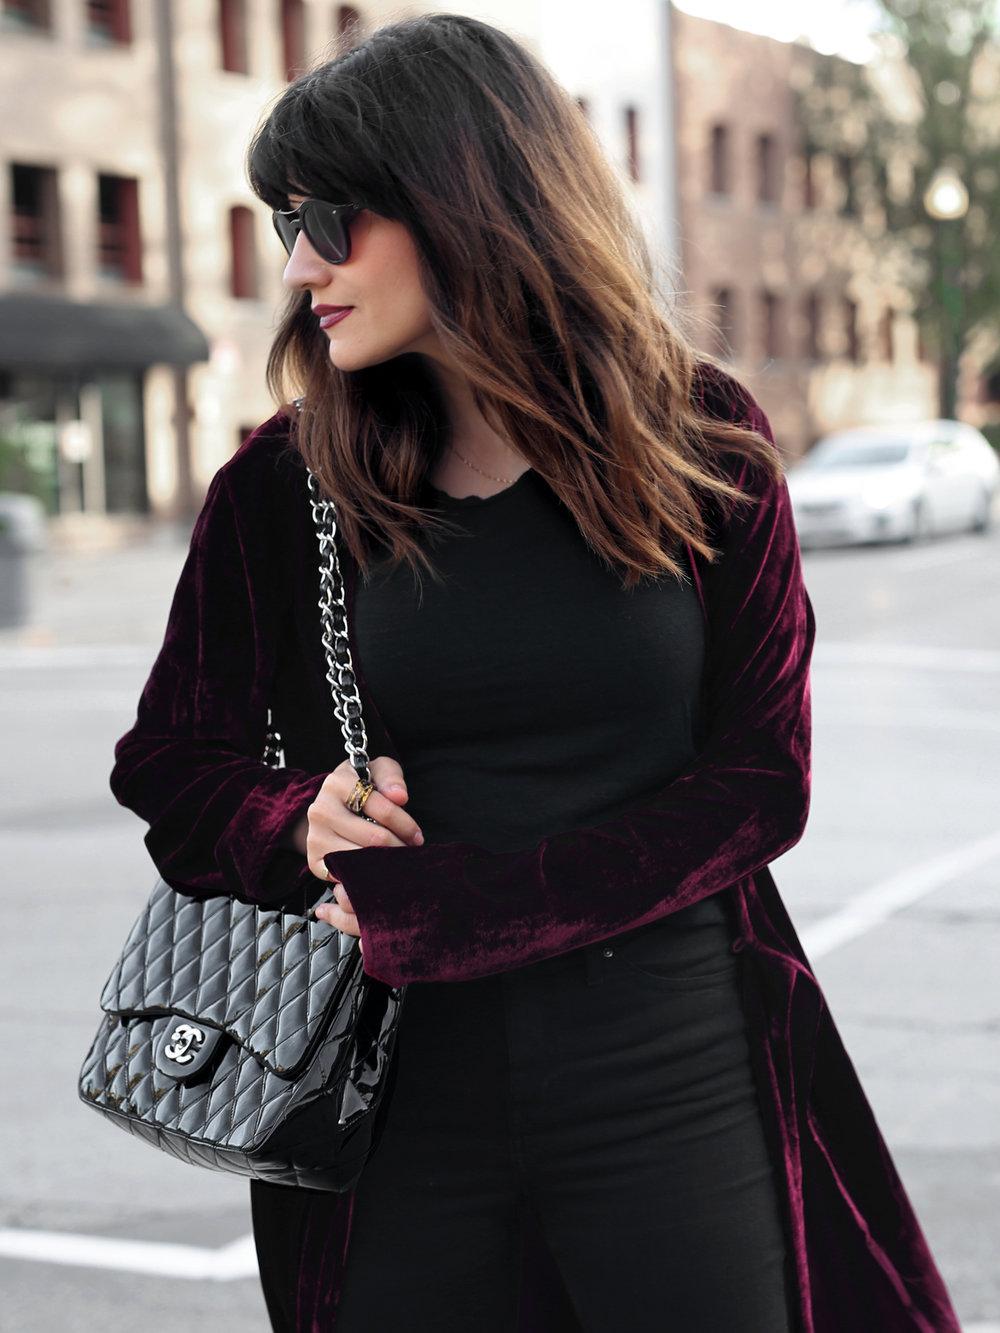 velvet duster coat street style - chanel patent leather jumbo bag, saint laurent platform boots_2470.JPG